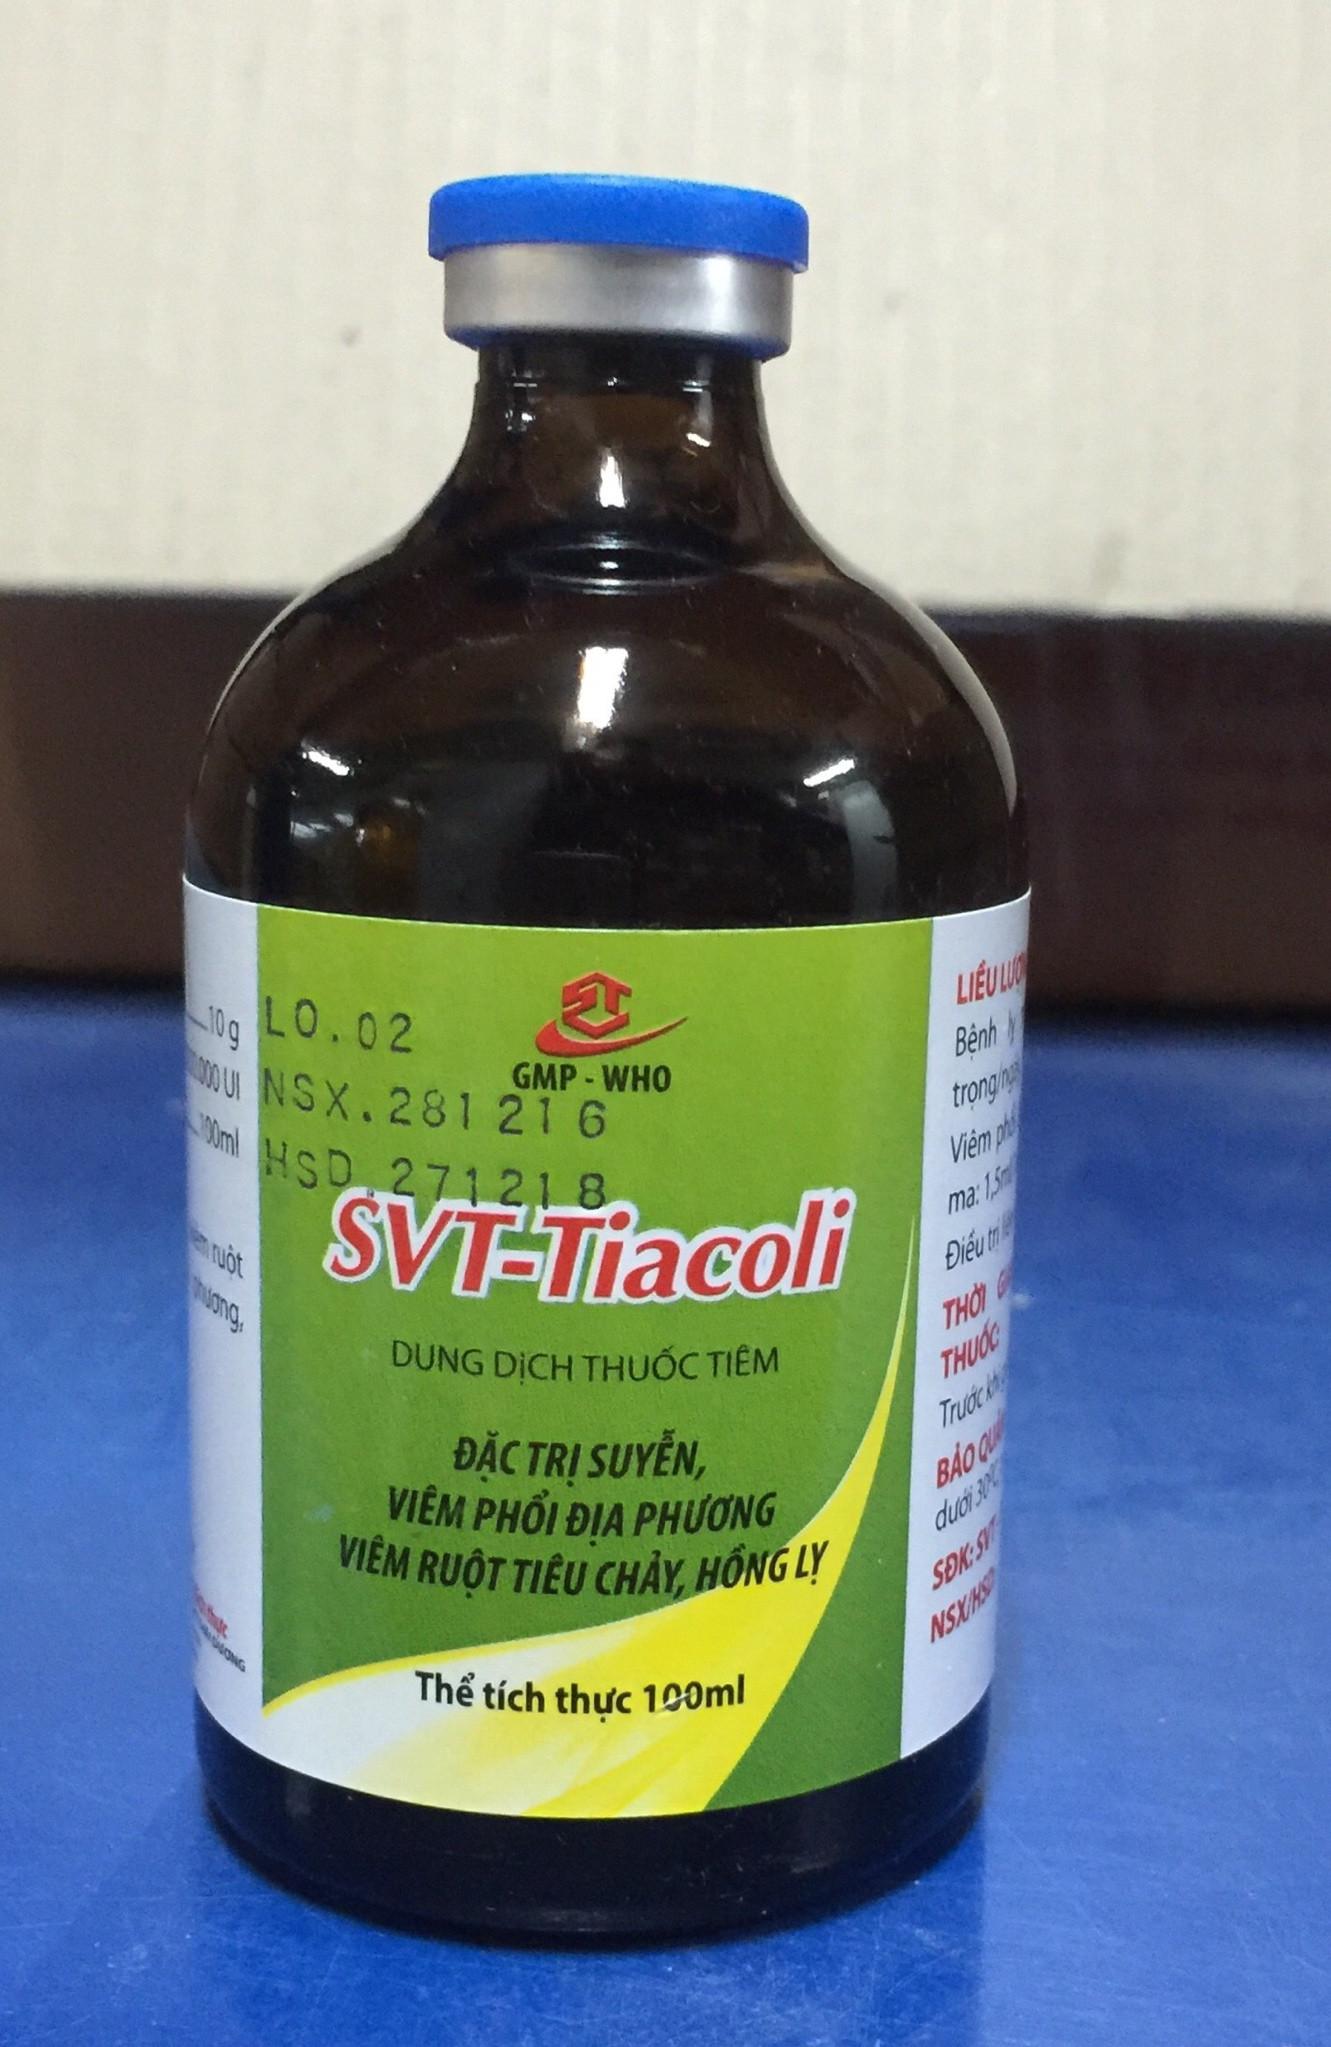 SVT - Tiacoli